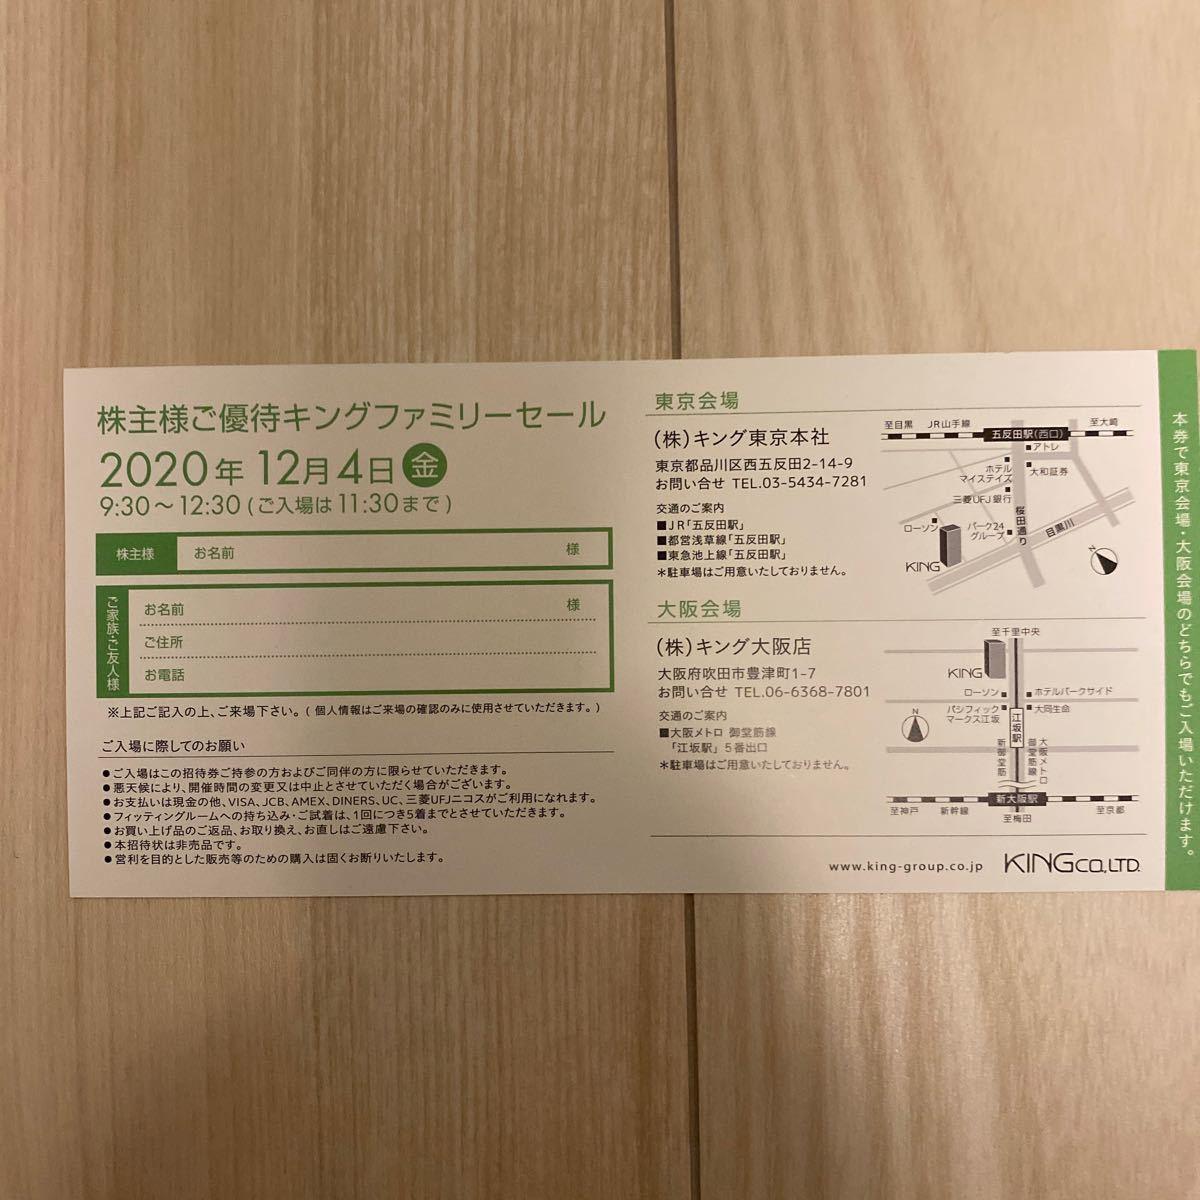 キングファミリーセール招待状4枚+特別割引券(10%off)★株主優待★送料込_画像2